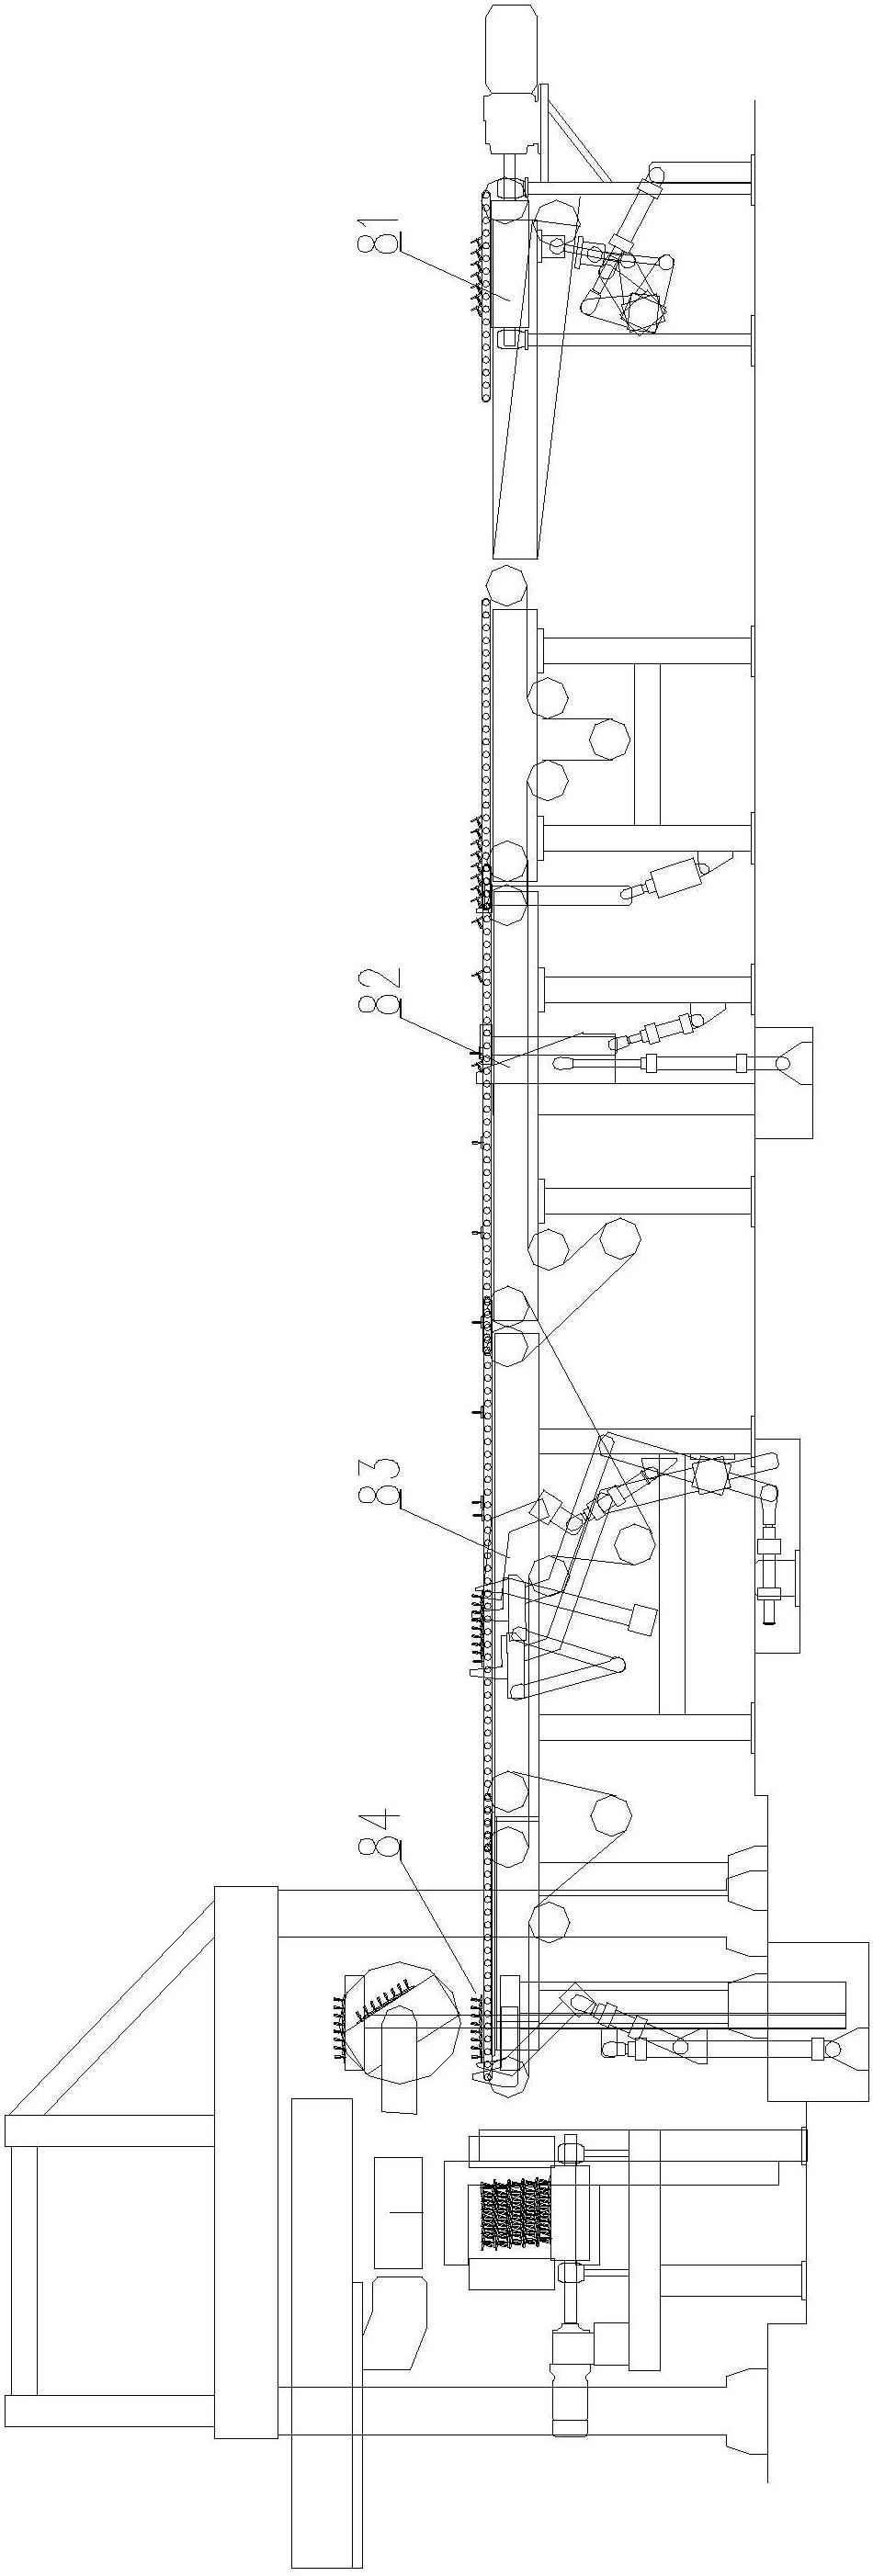 全自动码垛系统及工艺-附图1